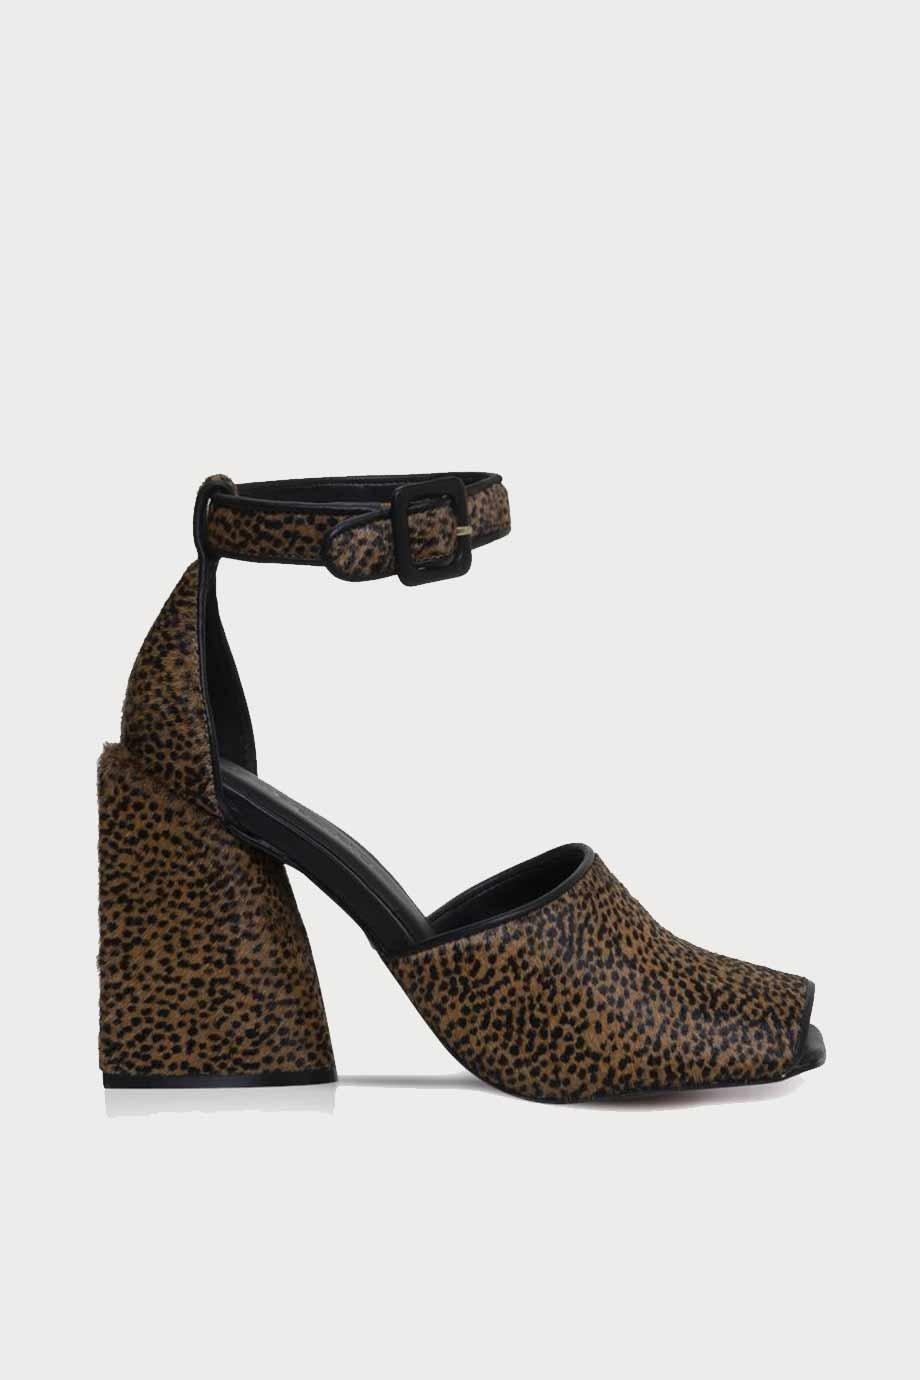 spiridoula metheniti shoes xalkida p 395003 pelo lince mestico camel carrano